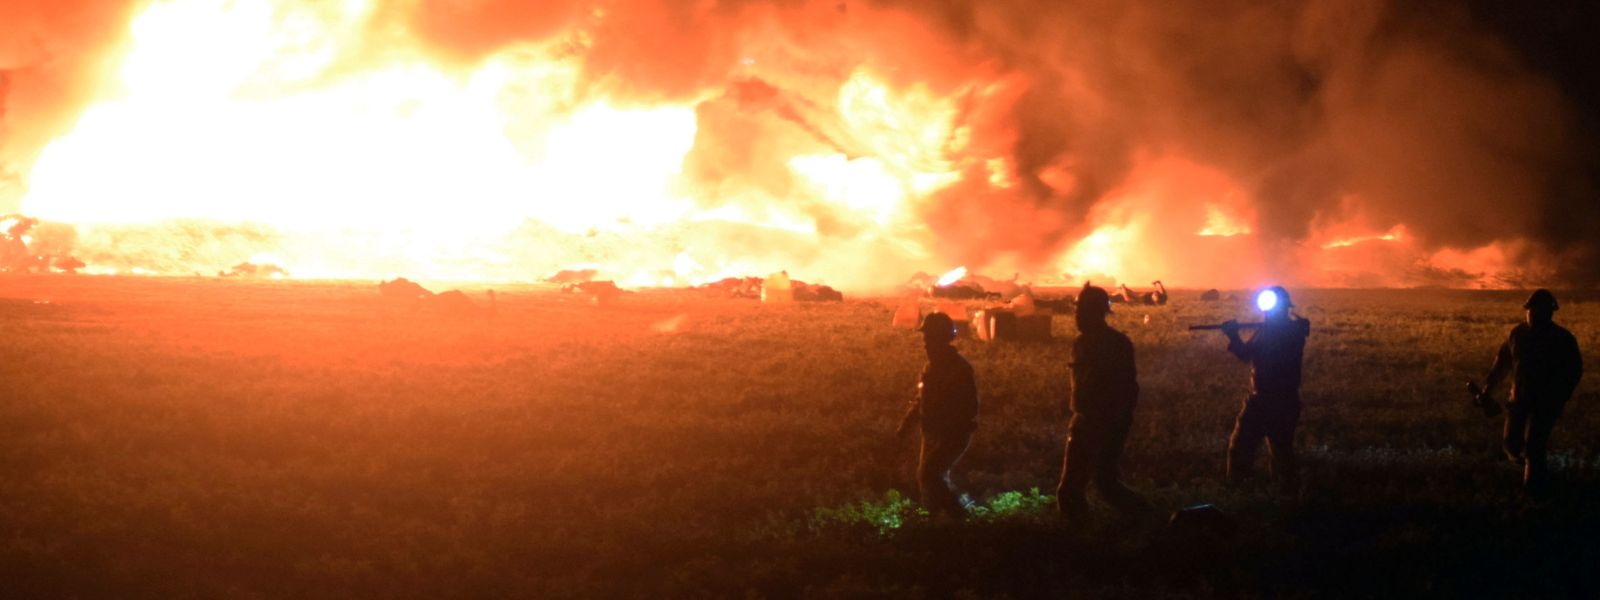 Le drame s'est déroulé vendredi à Tlahuelilpan (environ 120 km au nord de Mexico) deux heures après le percement clandestin de l'oléoduc par des trafiquants de carburant.